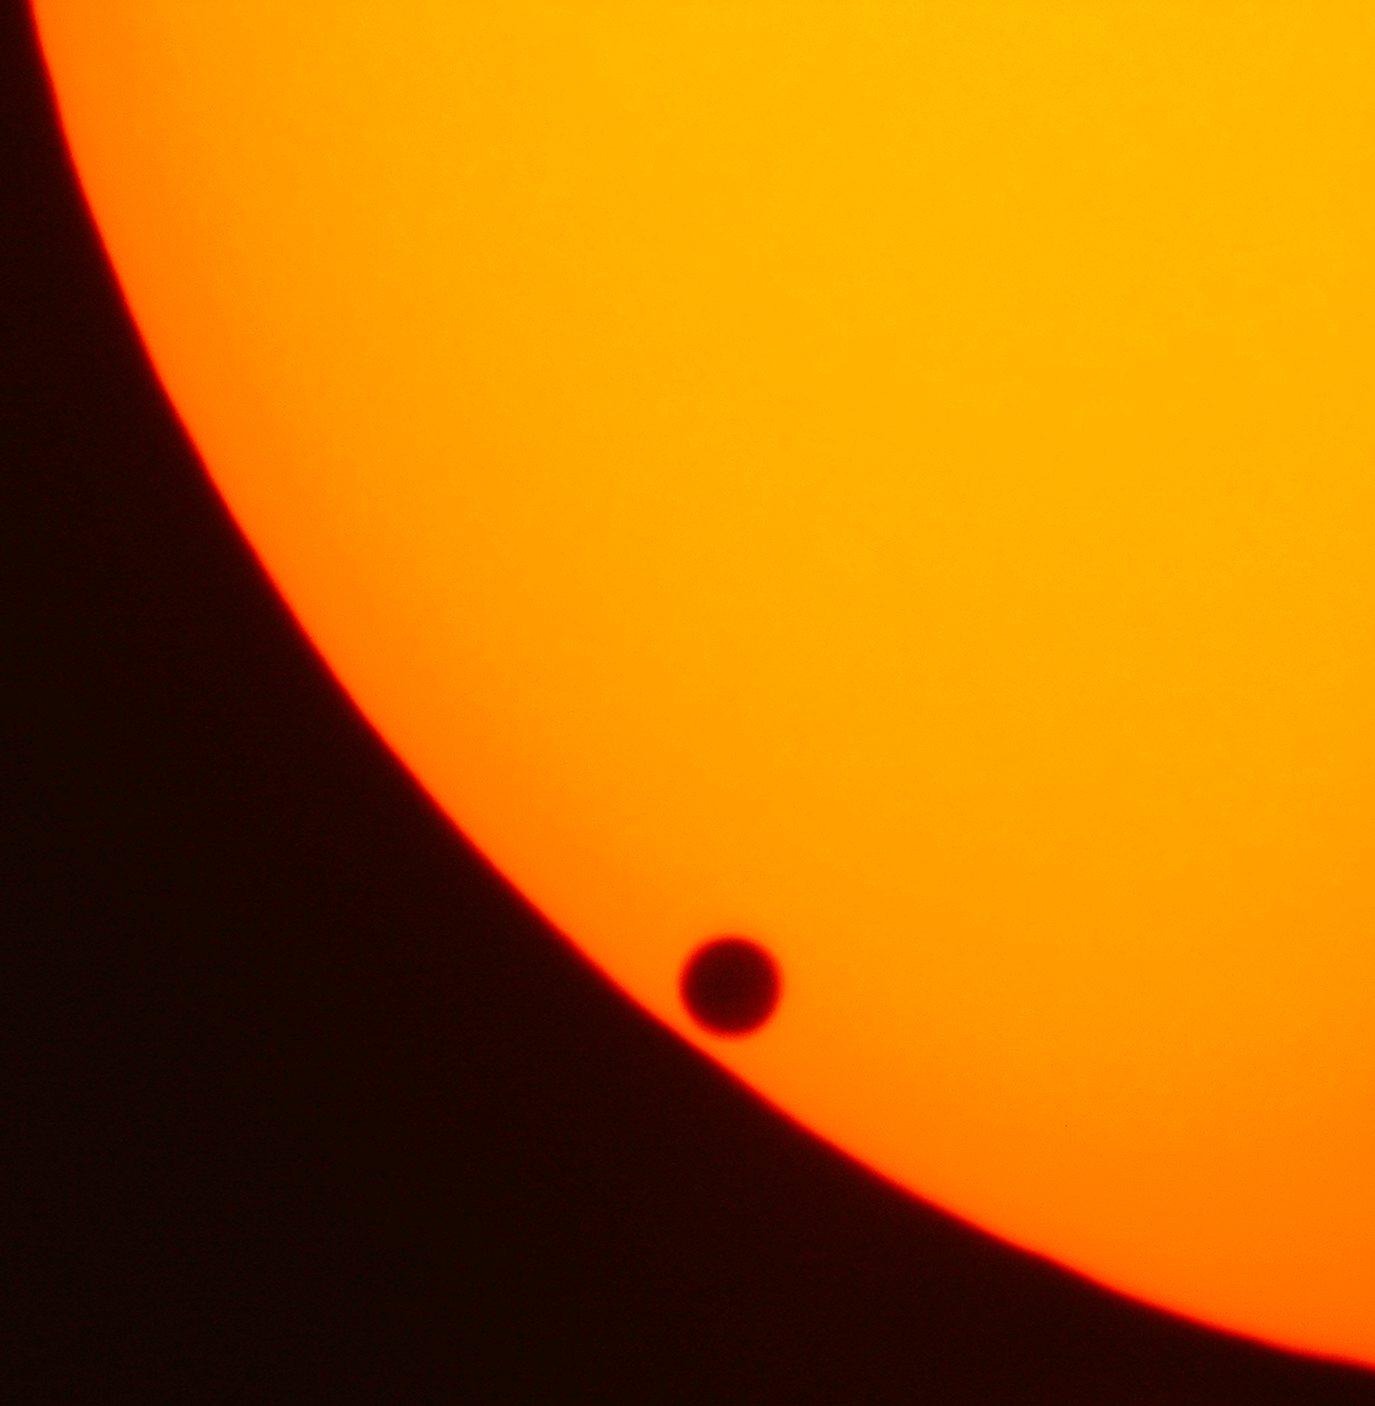 Прохождение Венеры по диску Солнца, случившееся в 2004 году.